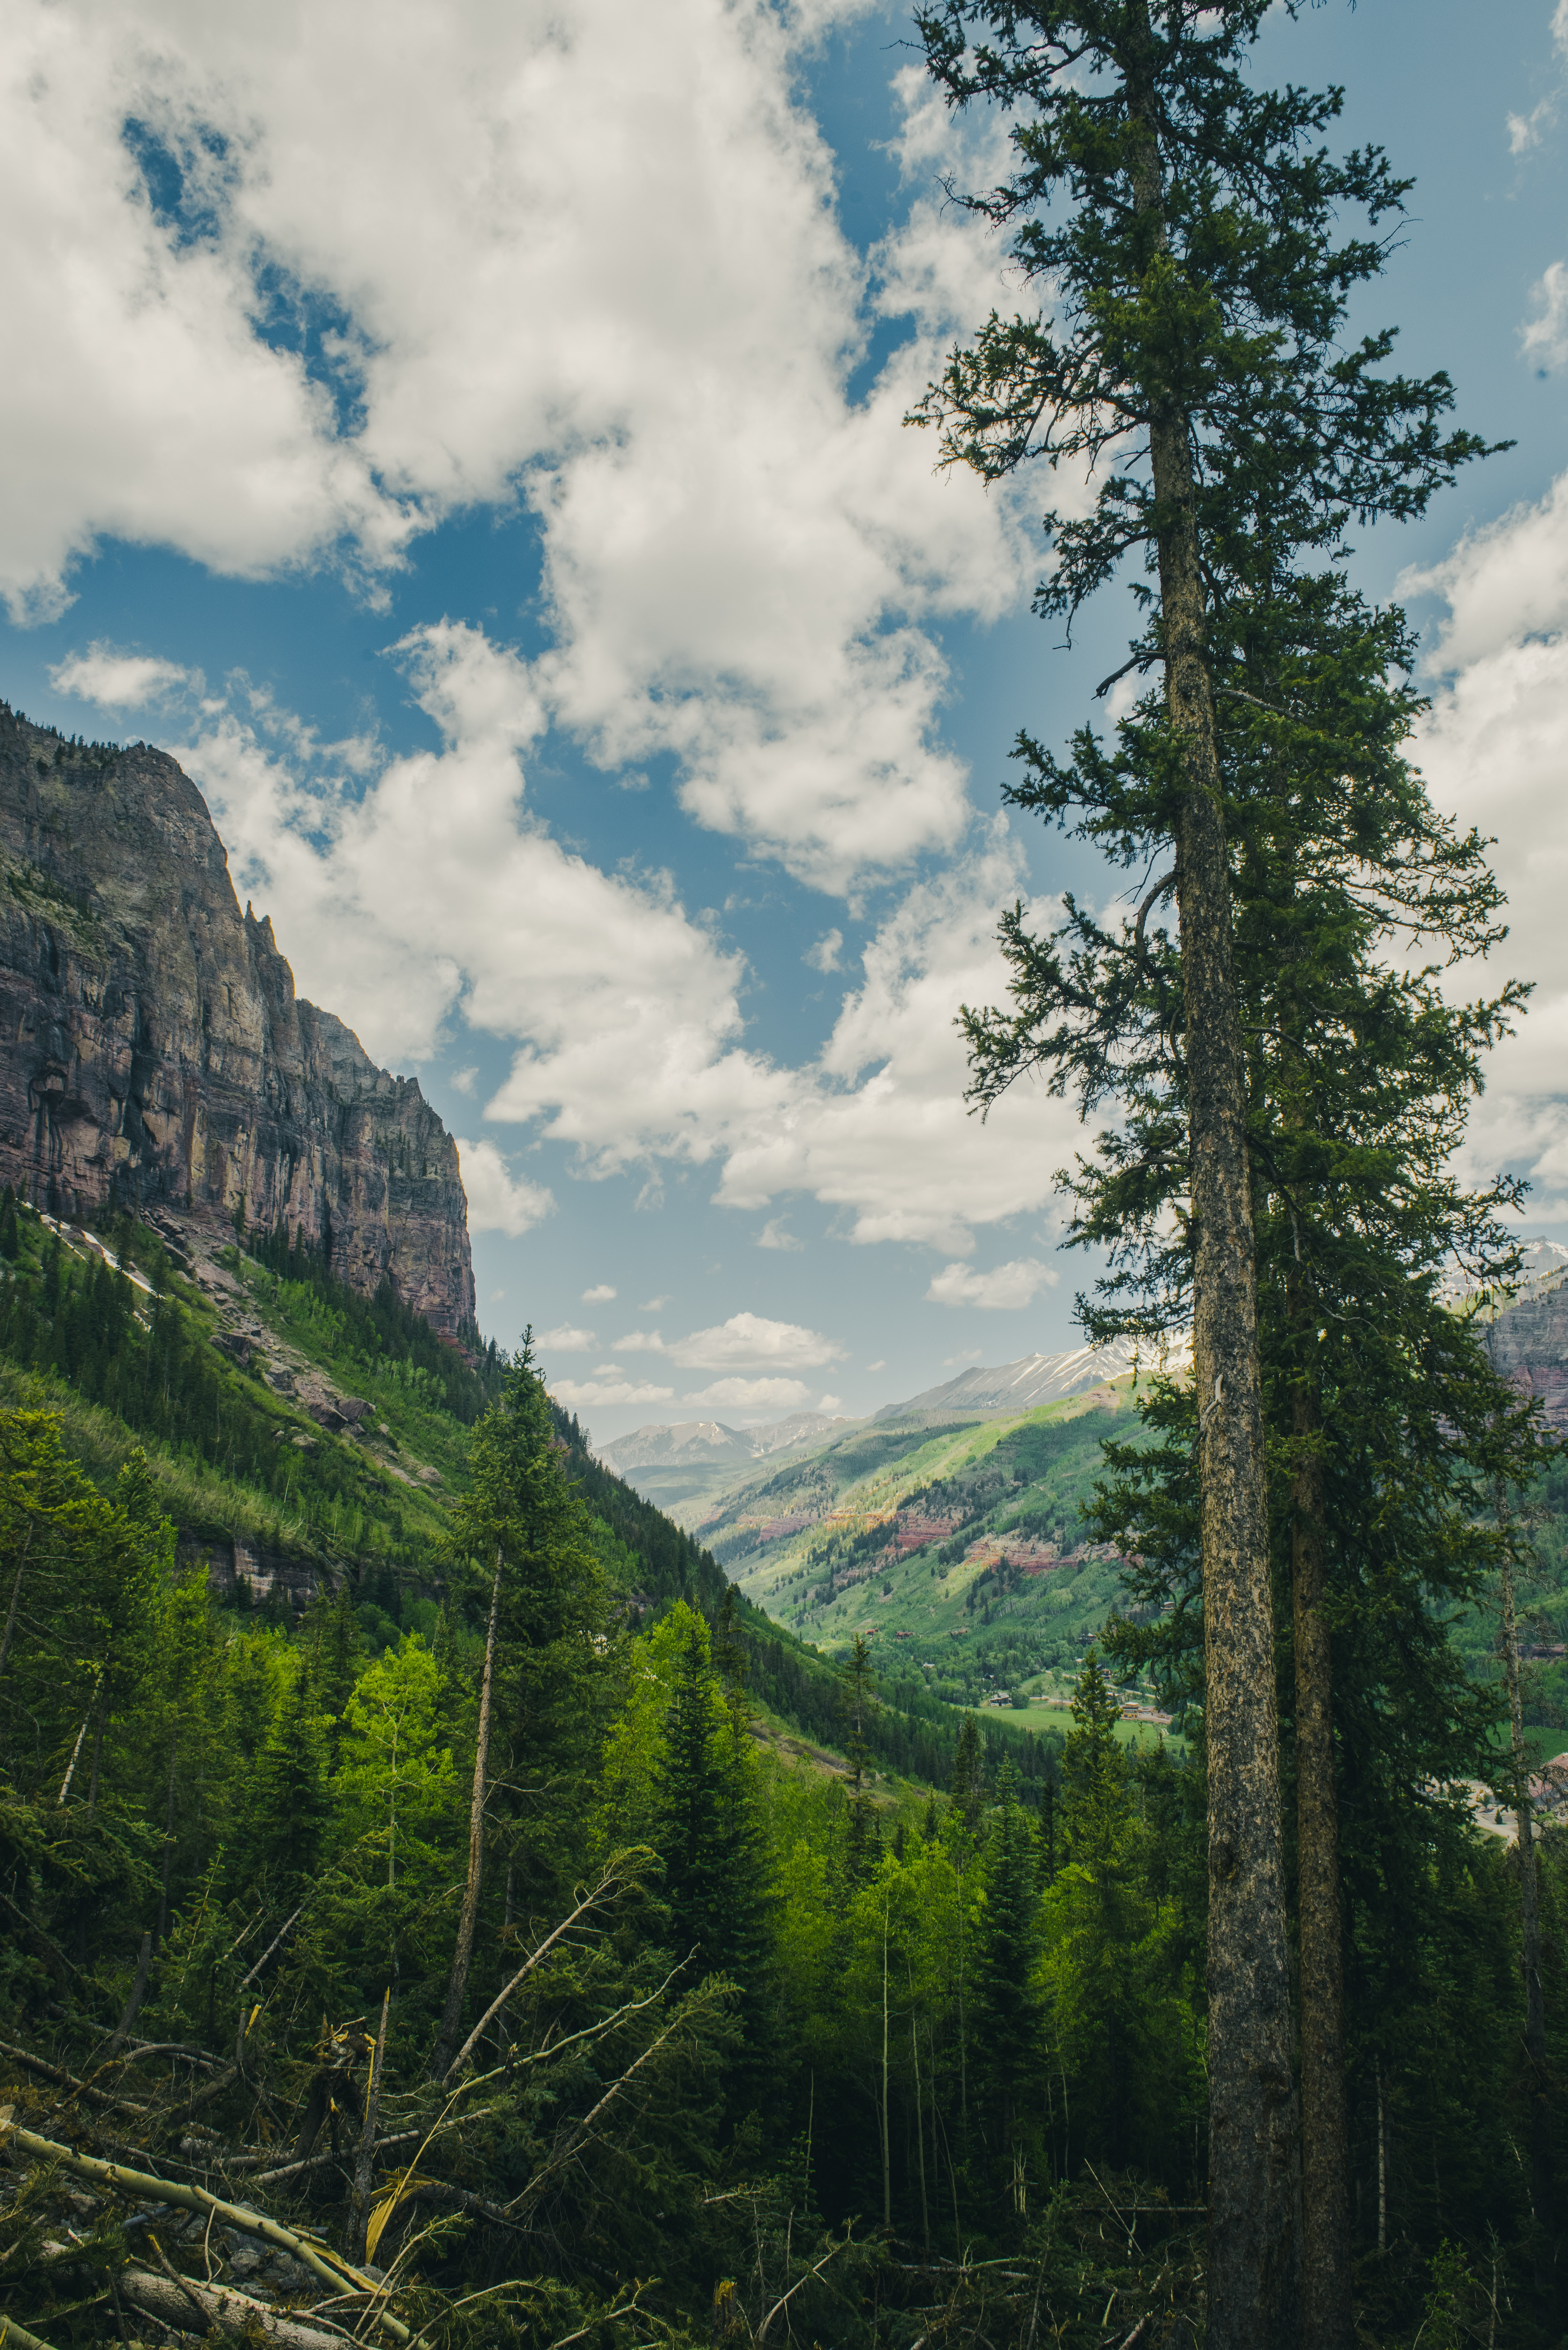 125695 скачать обои Природа, Деревья, Лес, Скалы, Горы, Пейзаж - заставки и картинки бесплатно